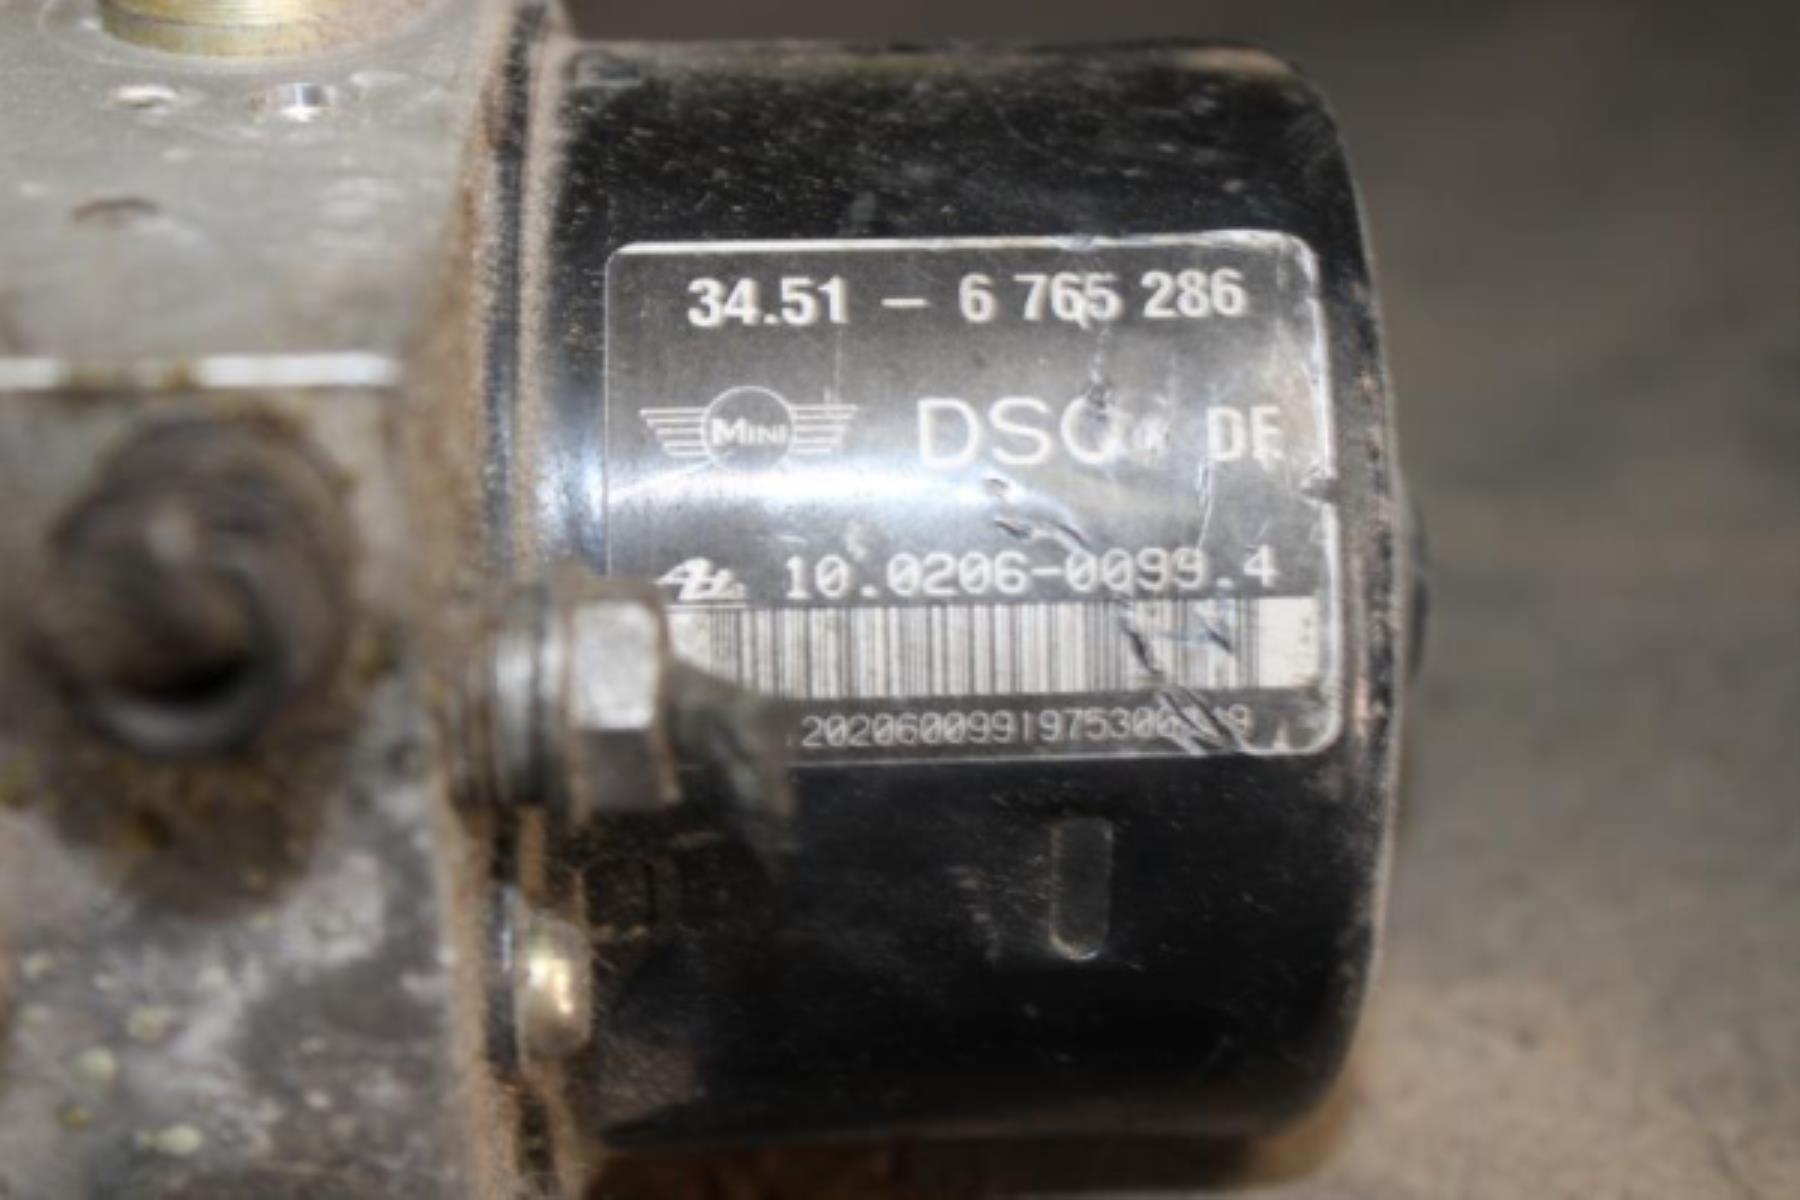 Εικόνα από ABS  MINI COOPER R50 R53 (2002-2006)  3451-6765286